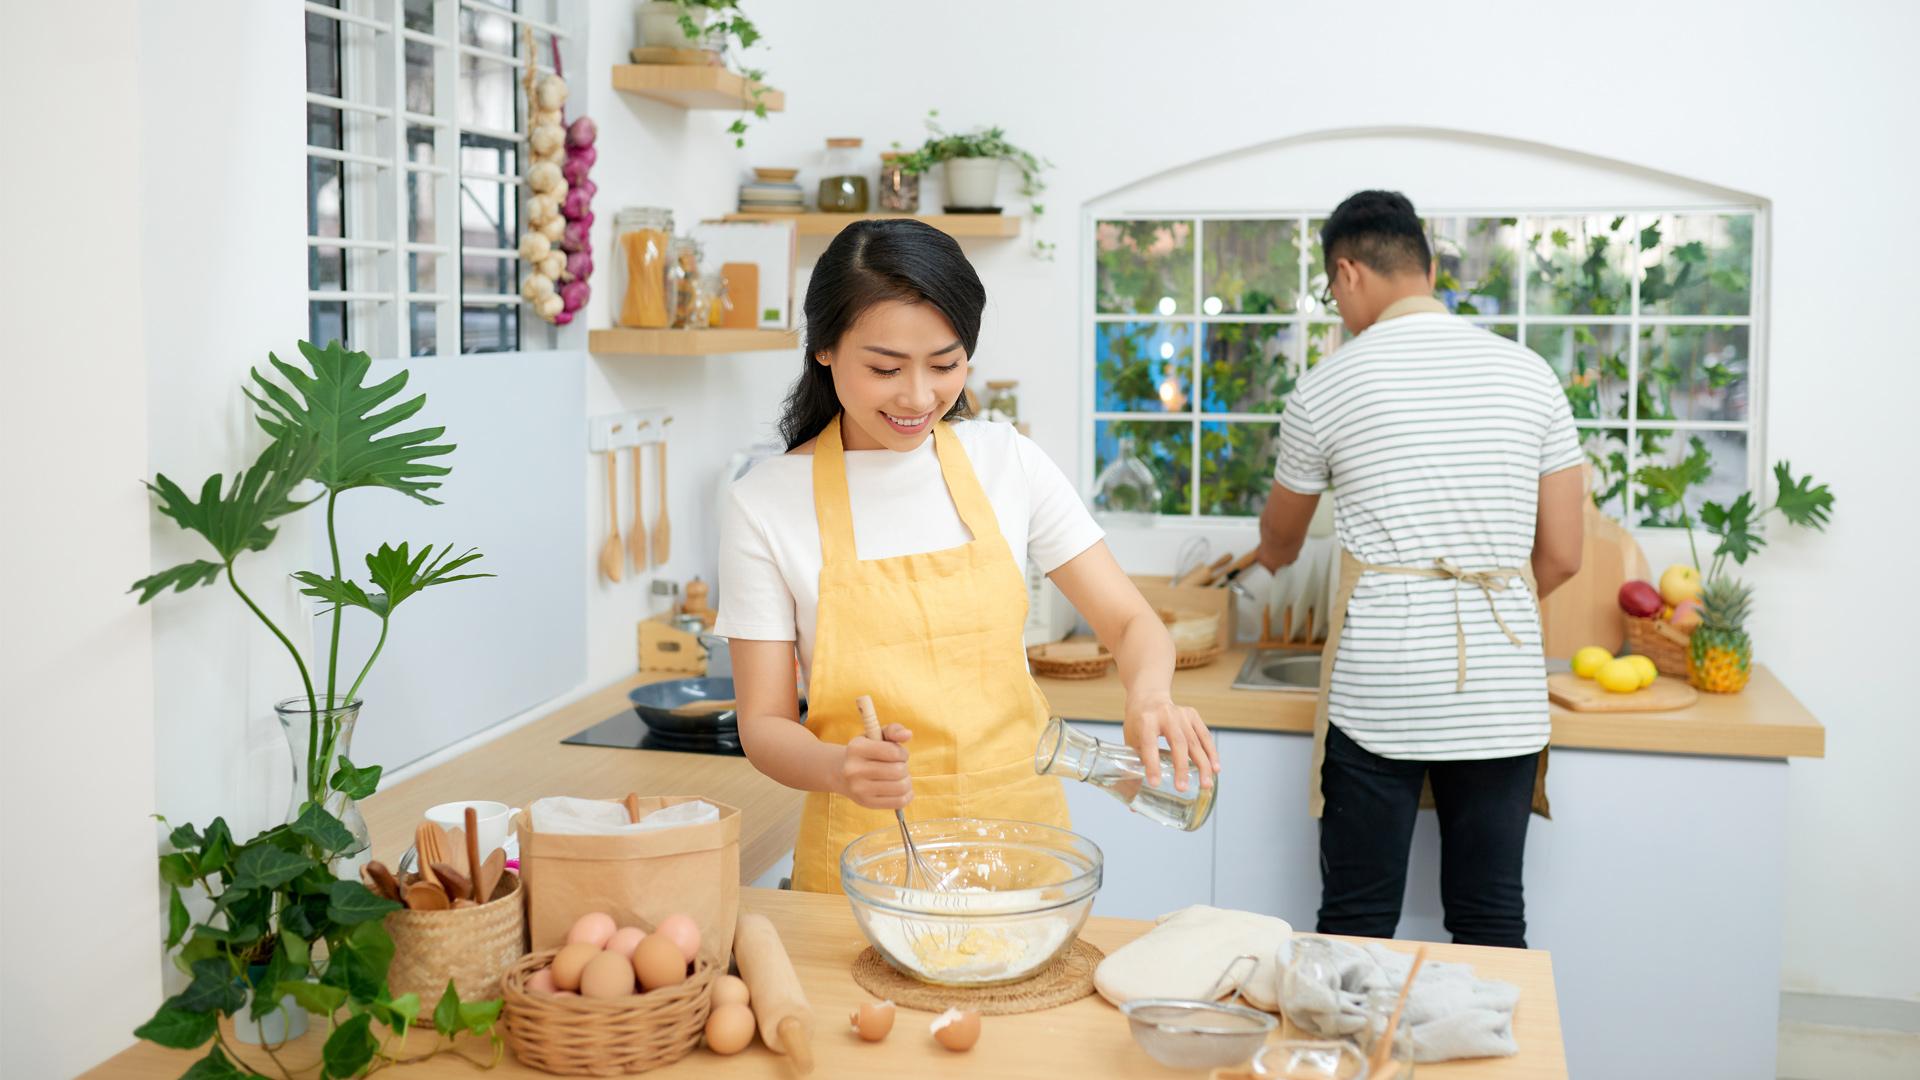 Cách nấu các món ăn trong thực đơn